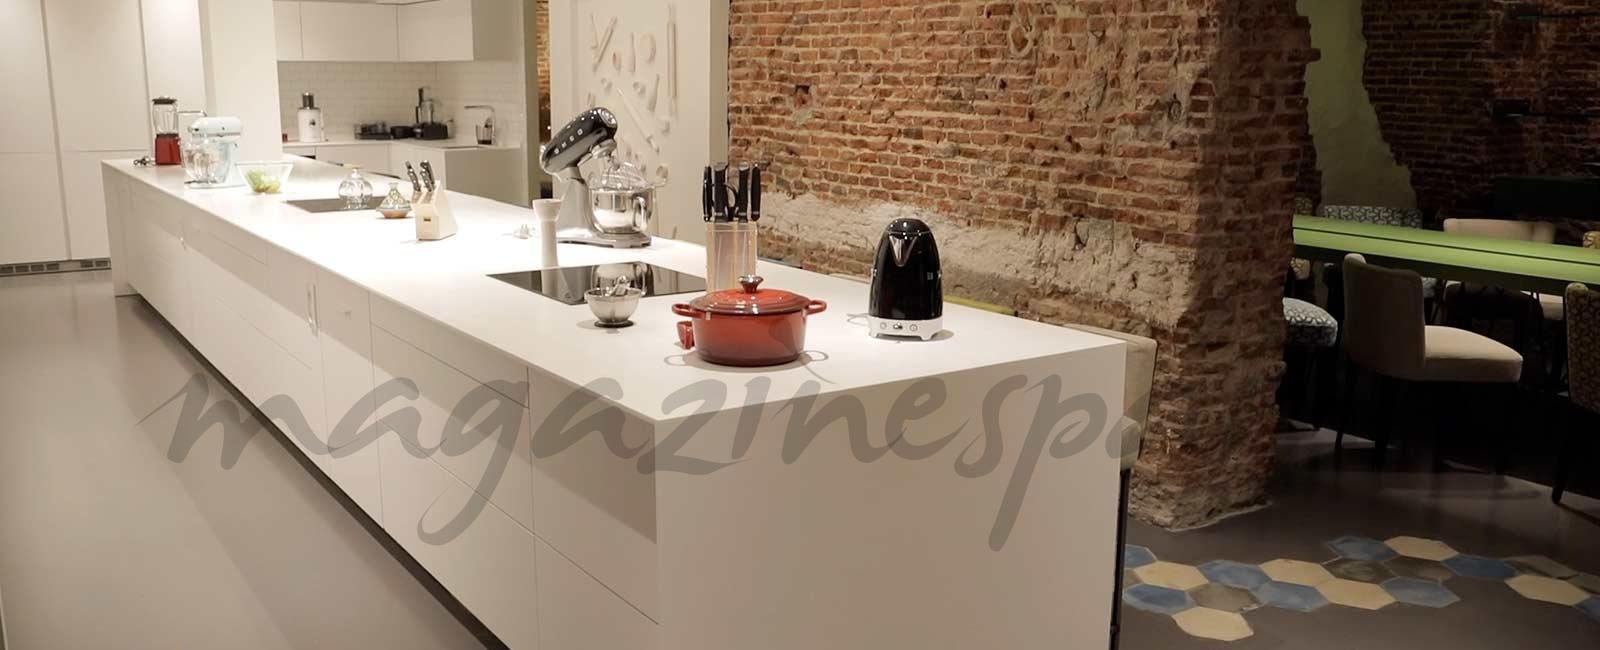 """Fran Larrañaga en la cocina con """"Cooking"""""""